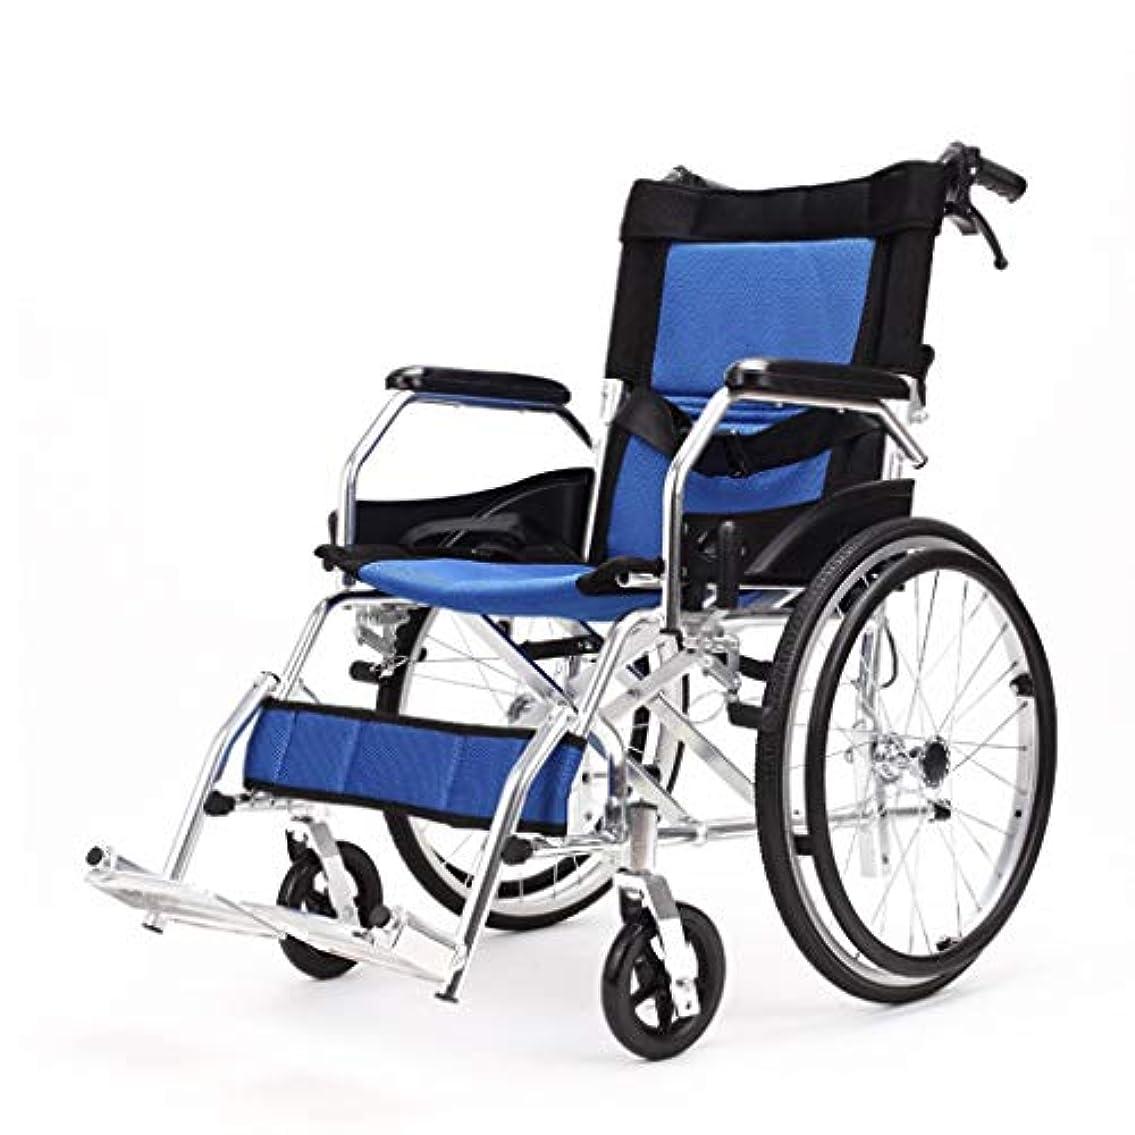 チート利用可能磁石手動車椅子折りたたみ式、背もたれ折りたたみ式デザイン通気性シートクッション、フットペダル調節可能車椅子